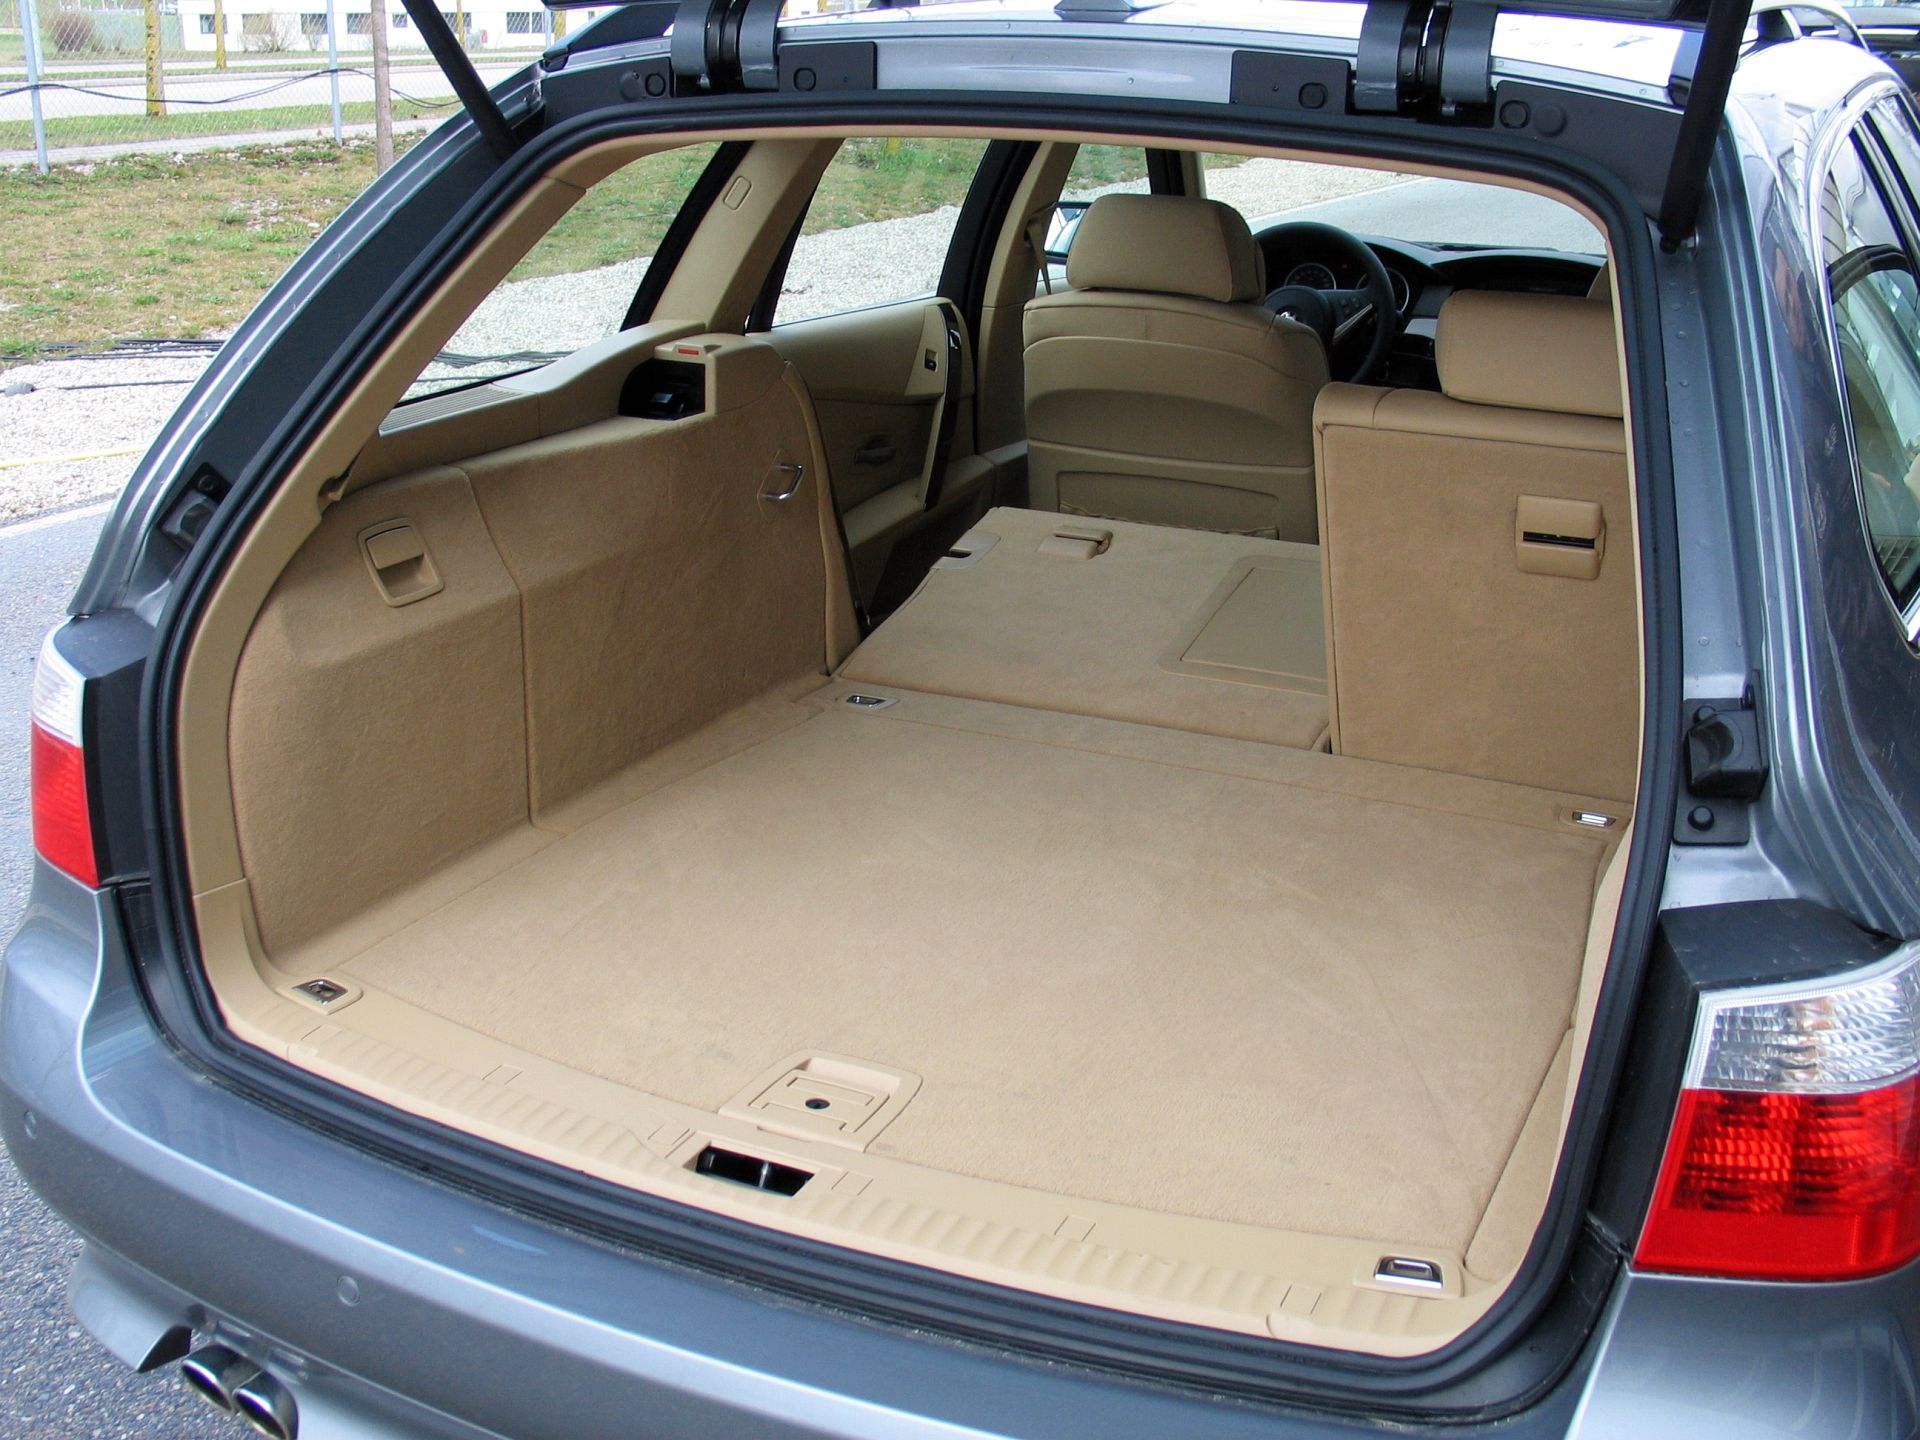 Uzywane Bmw Serii 5 E60 E61 2003 2010 Opinie Dane Techniczne Usterki Wybor Kierowcow